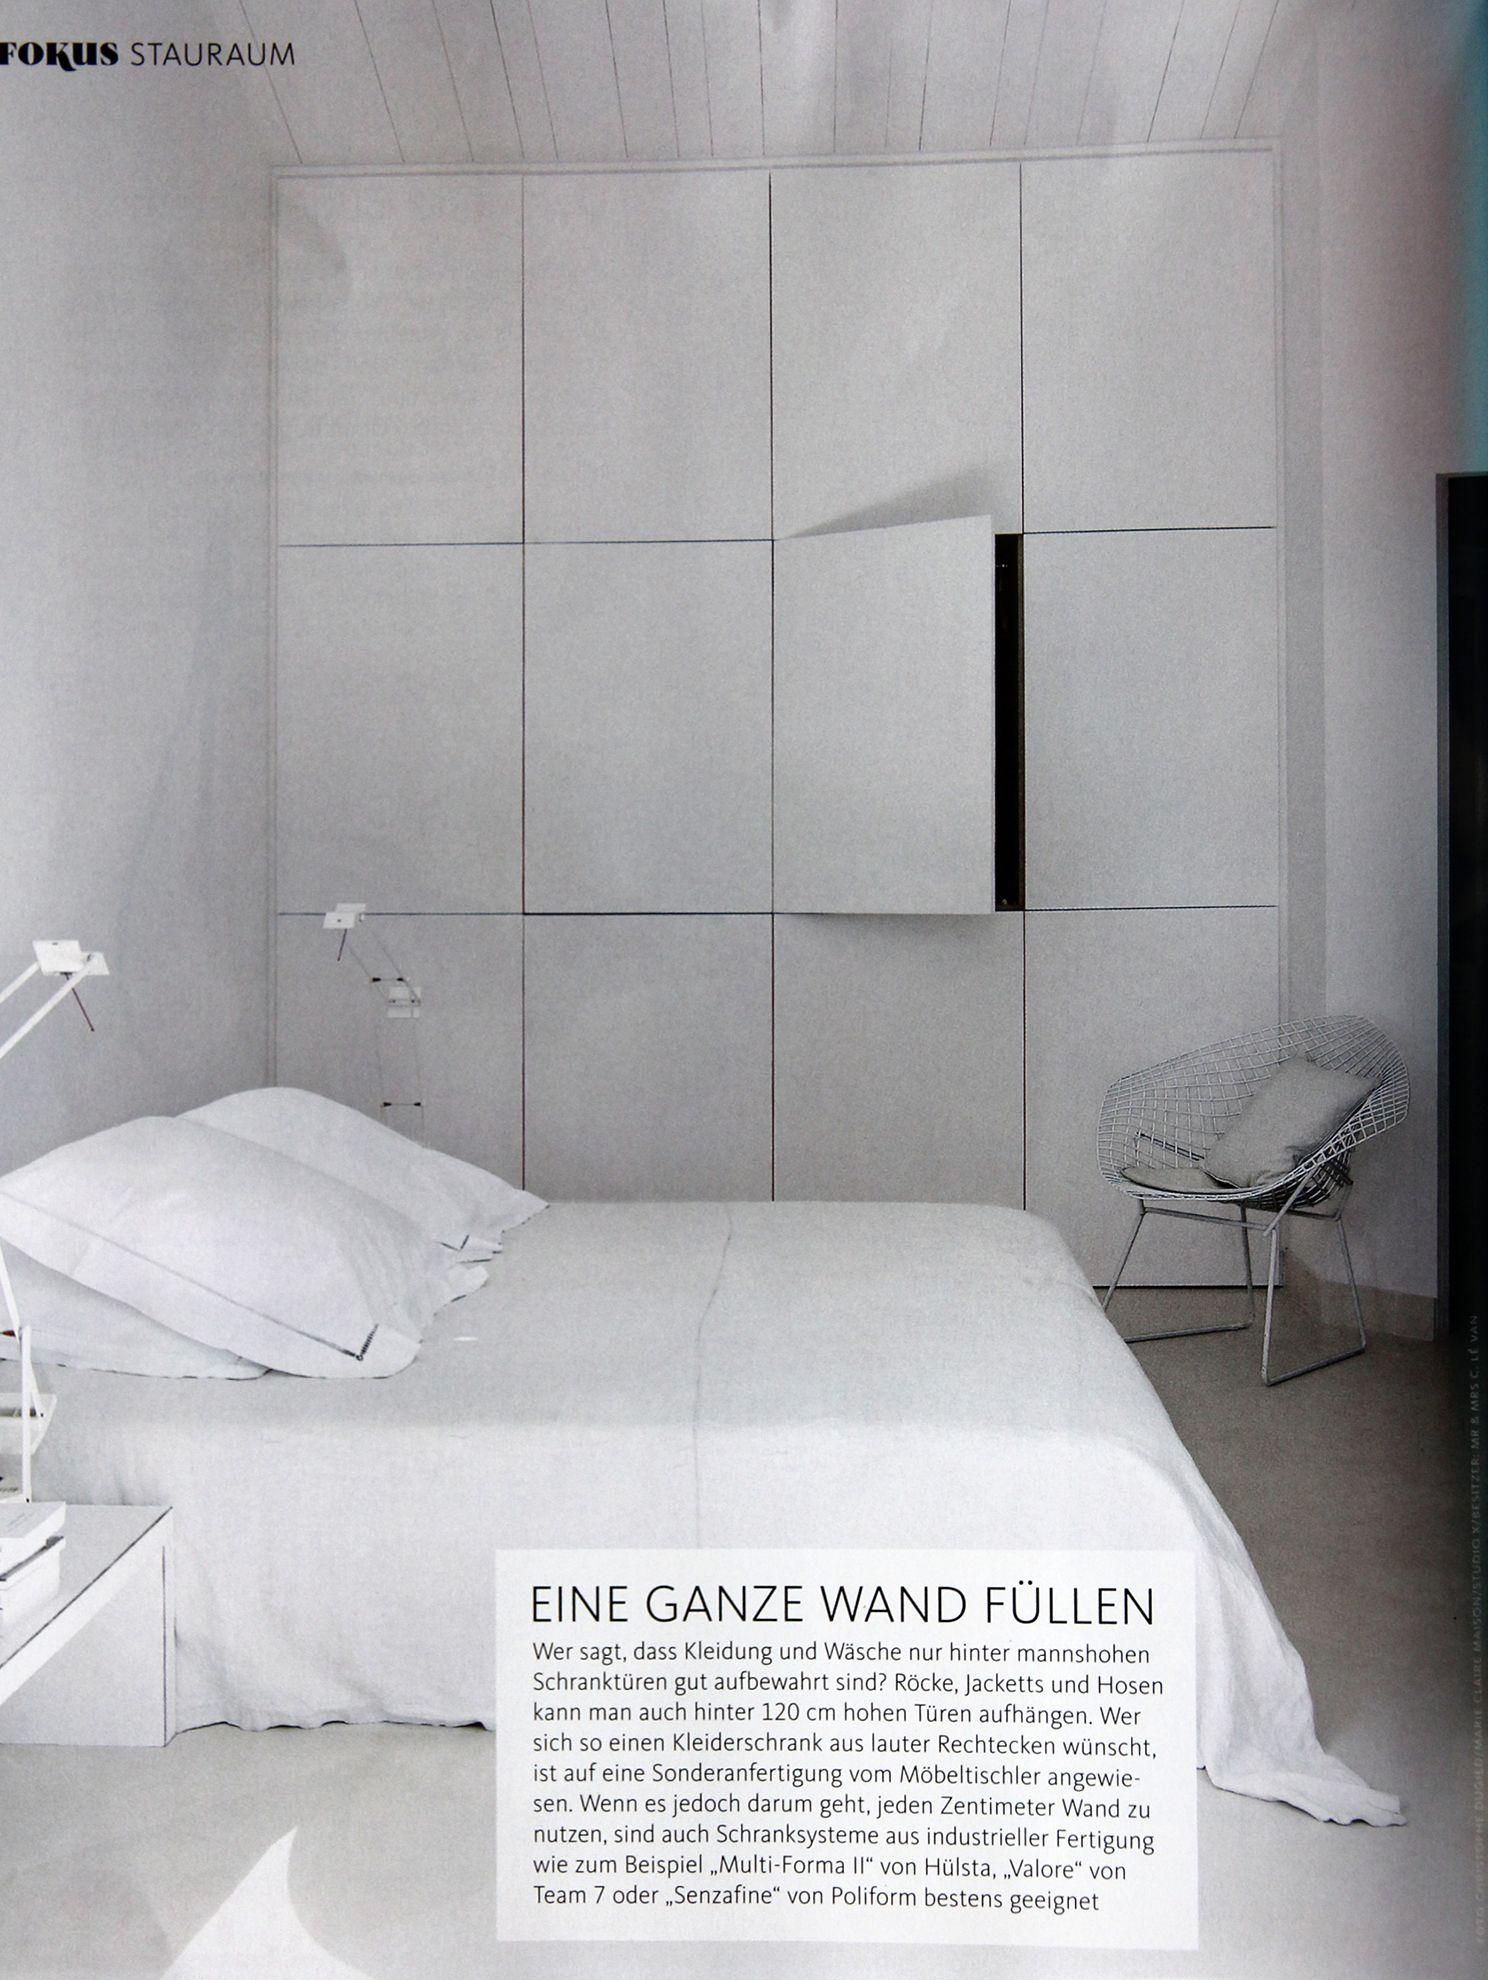 Schrankwand – Wandschrank Einrichtung in 2018